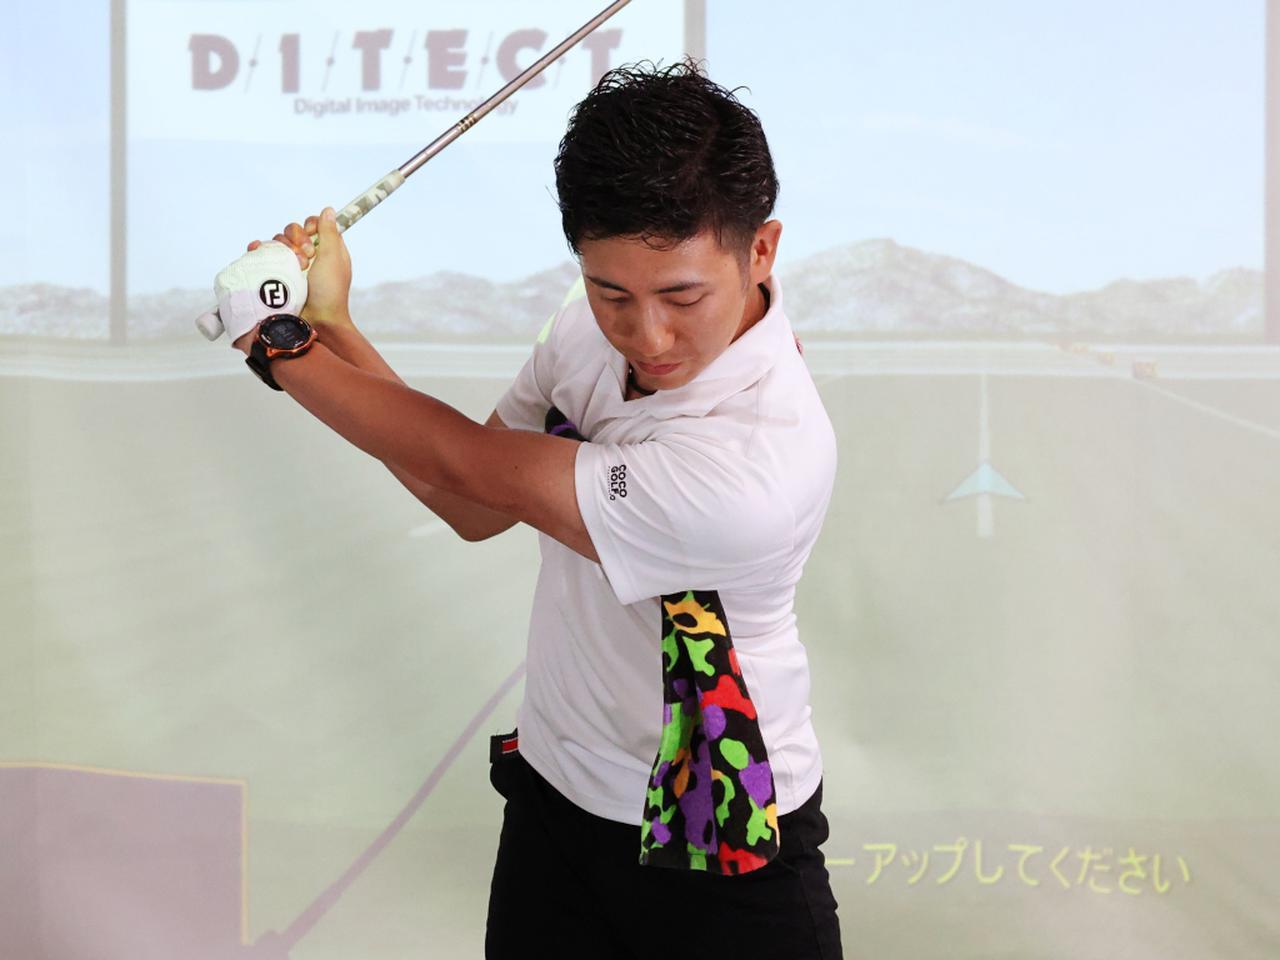 画像: 両わきにタオルを挟んでスウィングする練習ドリルで、右ひじを自由にさせない体の動きが身に付くという